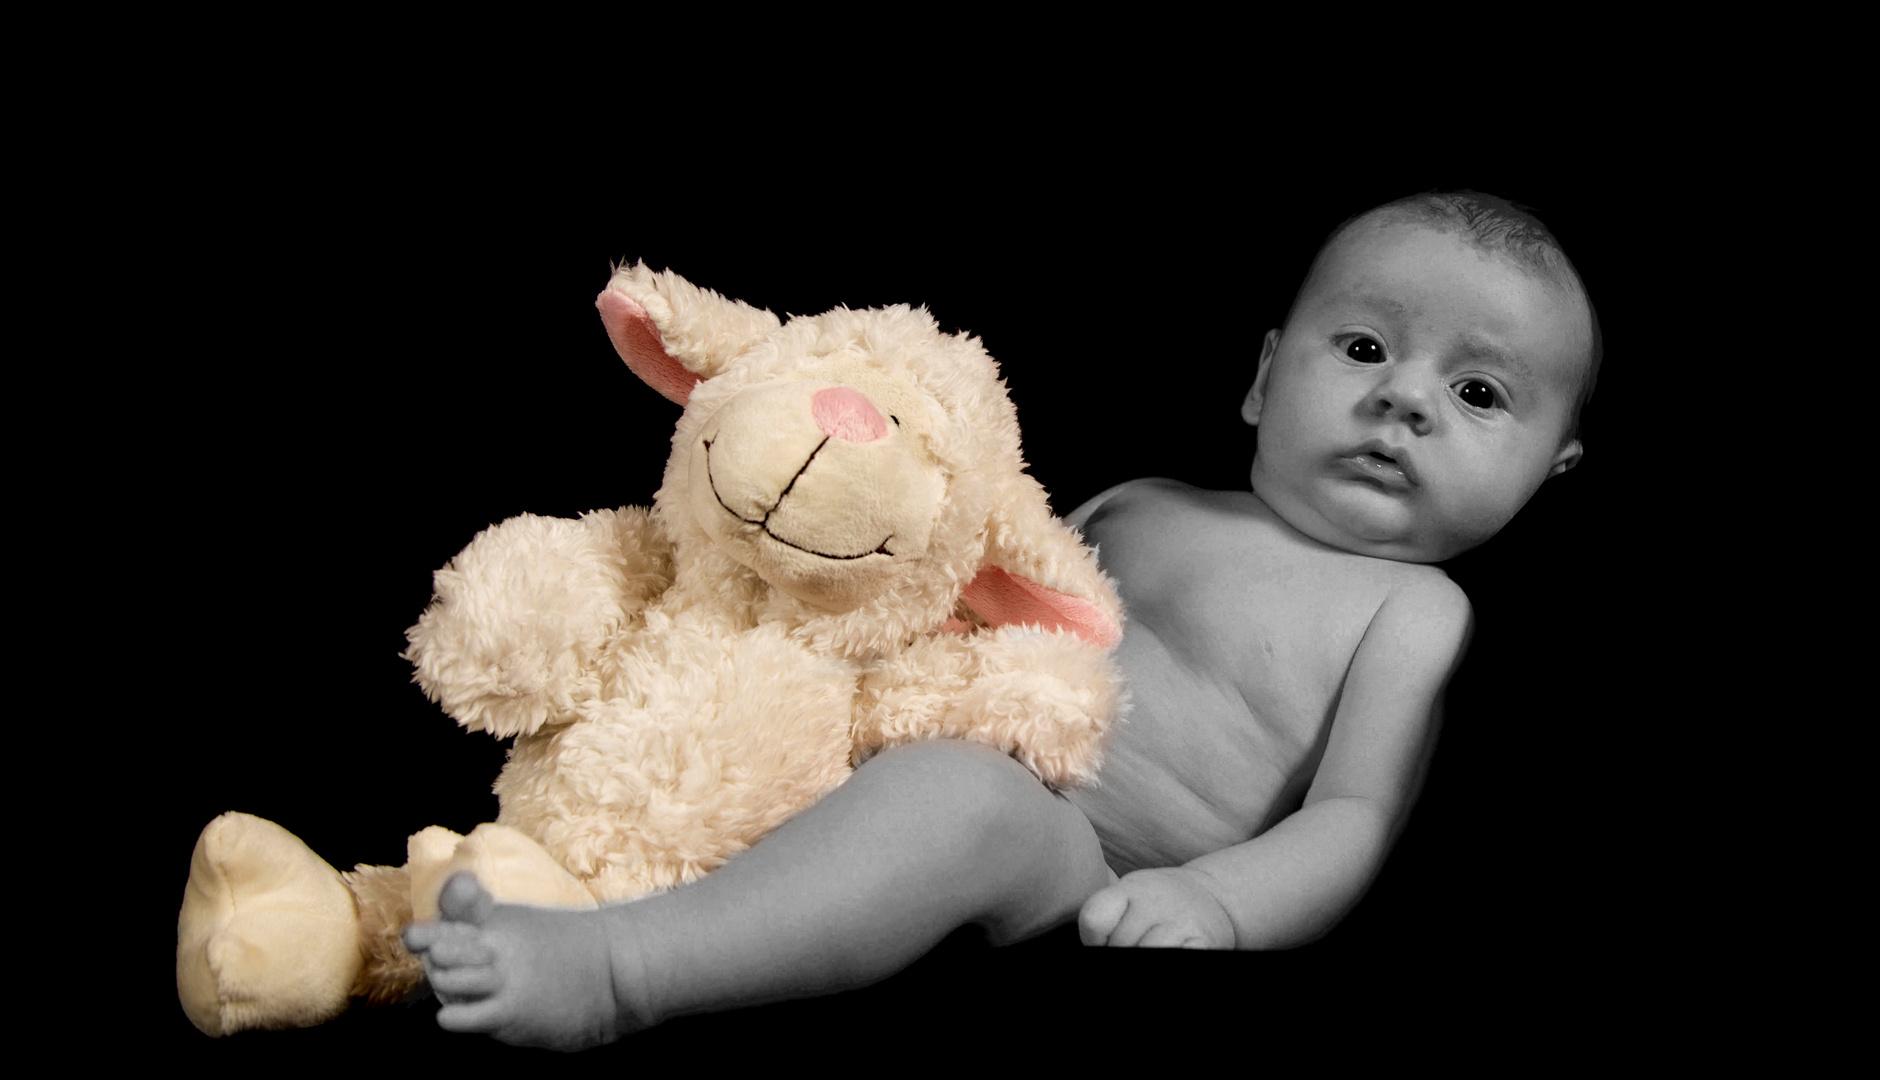 Phil mit Schaf